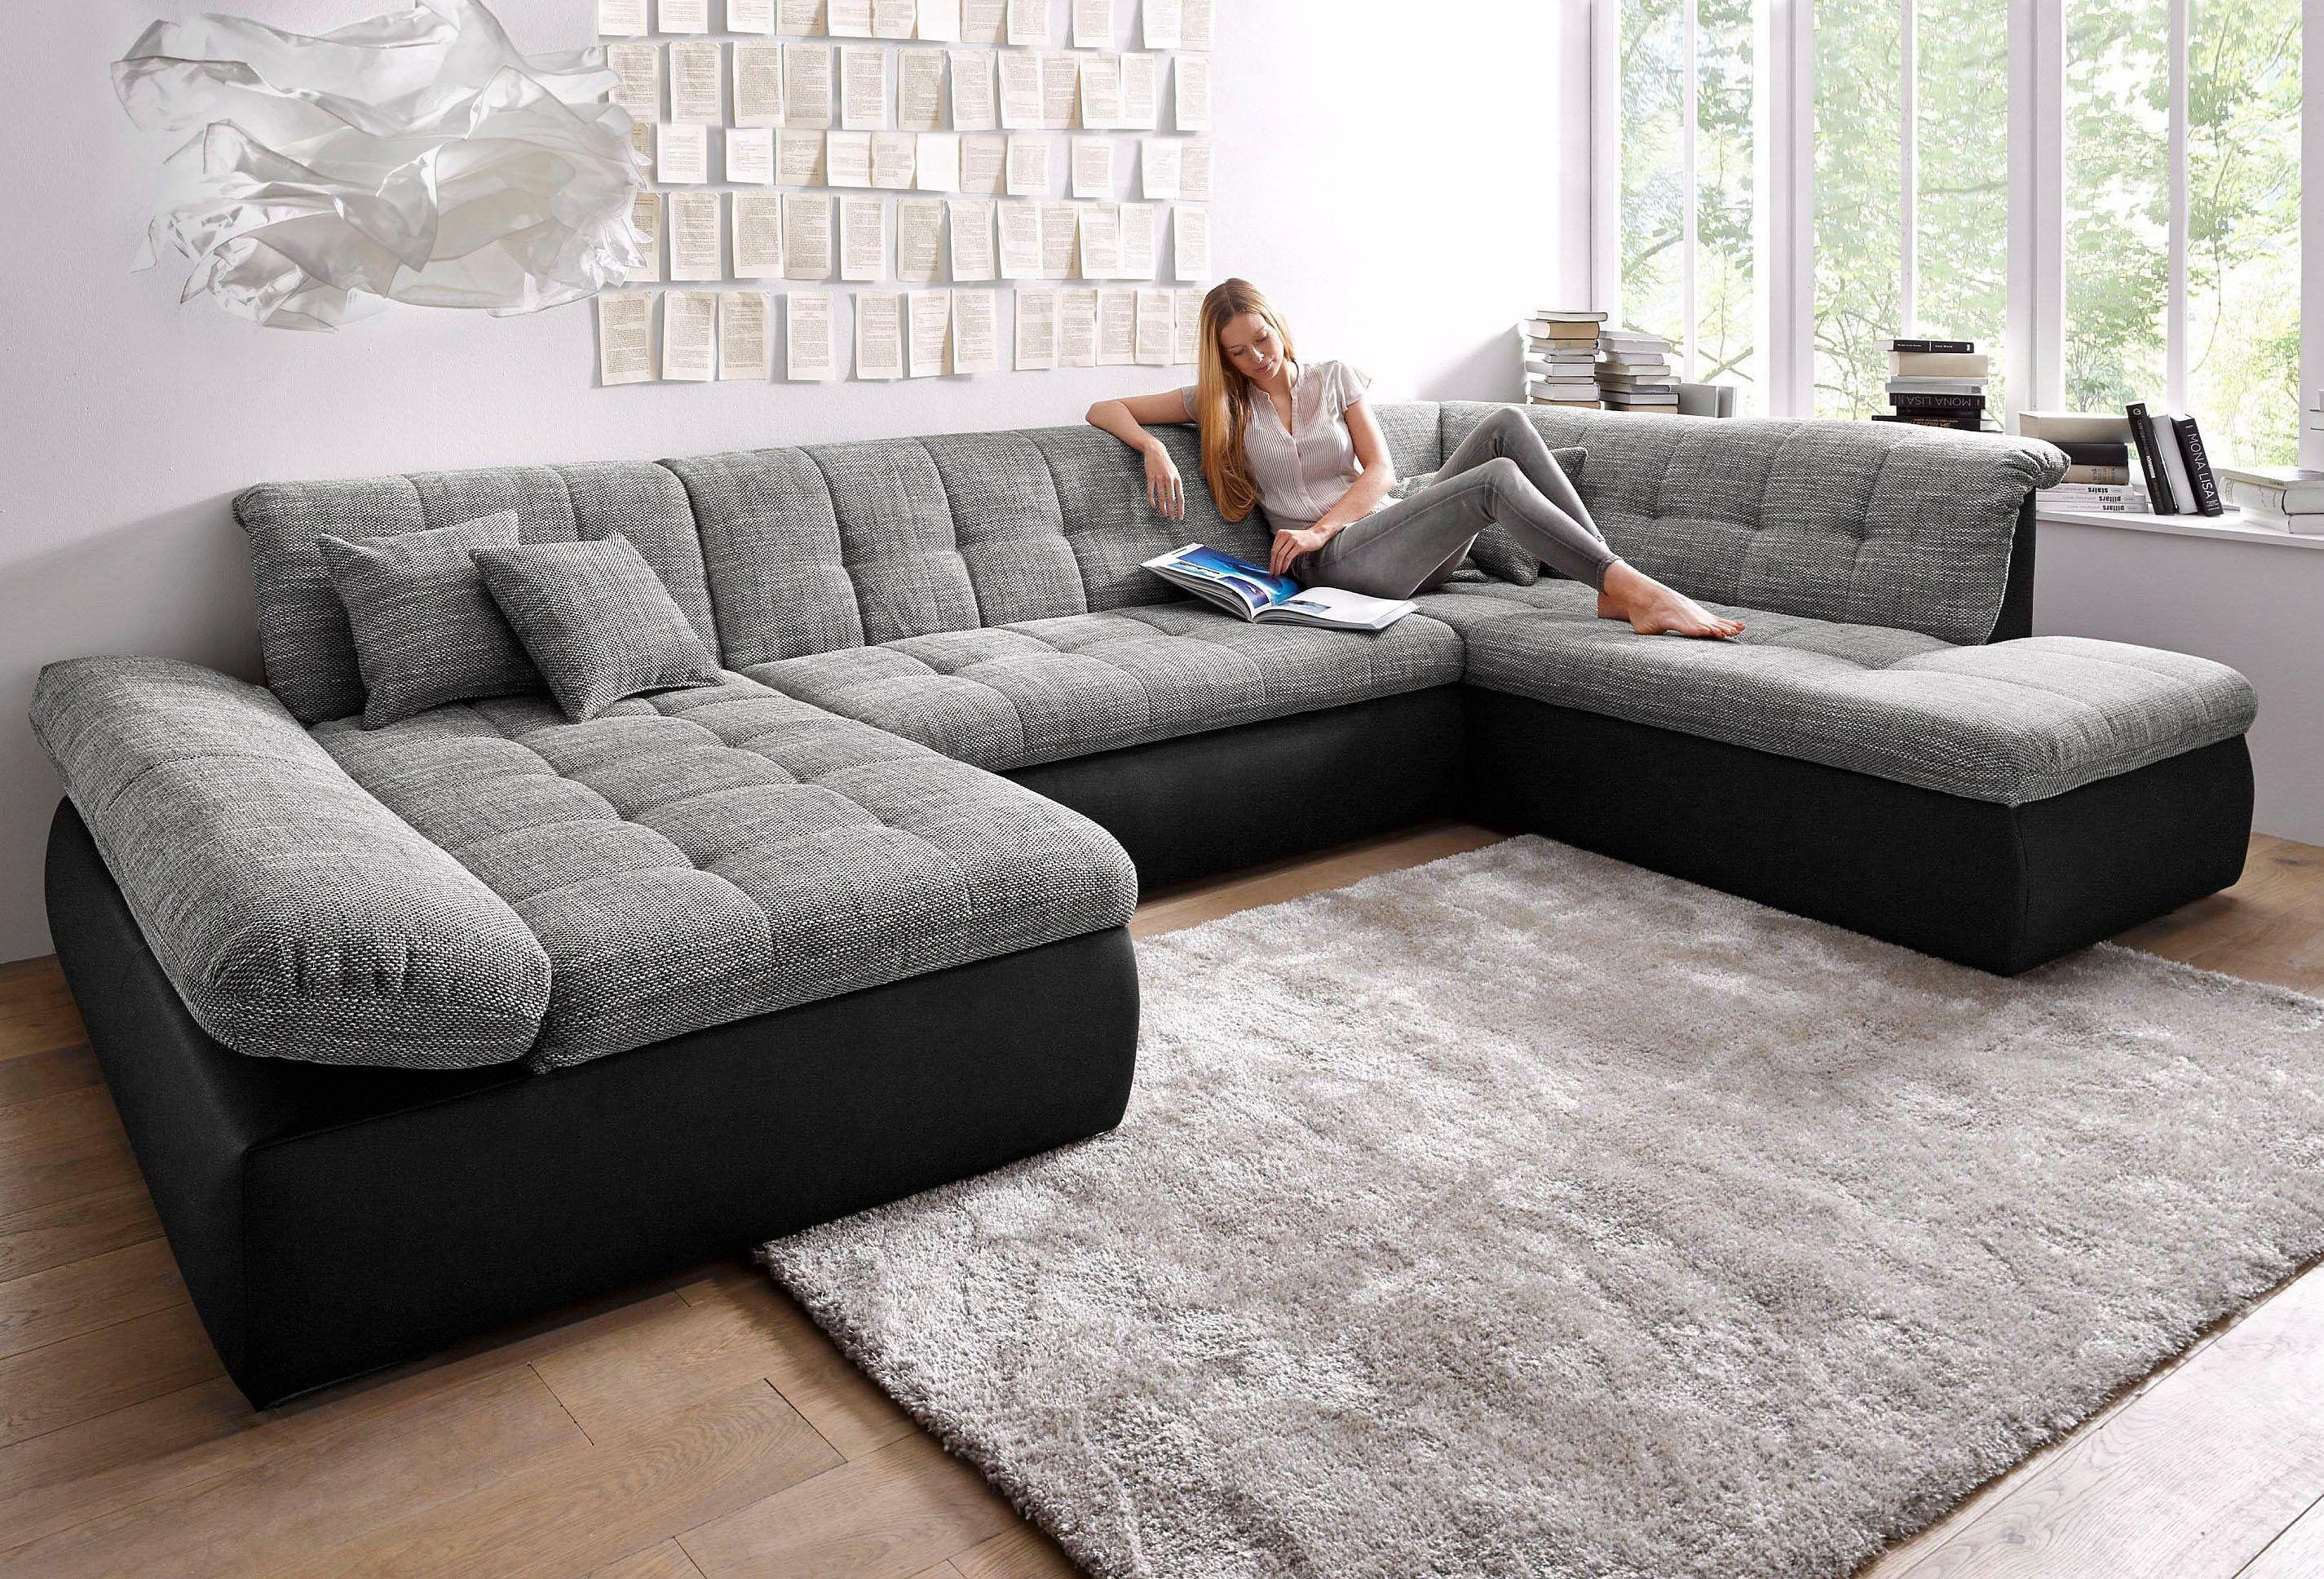 Wohnlandschaft Schwarz Recamiere Links Mit Bettfunktion Fsc Zertifiziert Yourhome Jetzt Bestellen Unter Https Moebel Lad Moderne Couch Wohnen Haus Deko